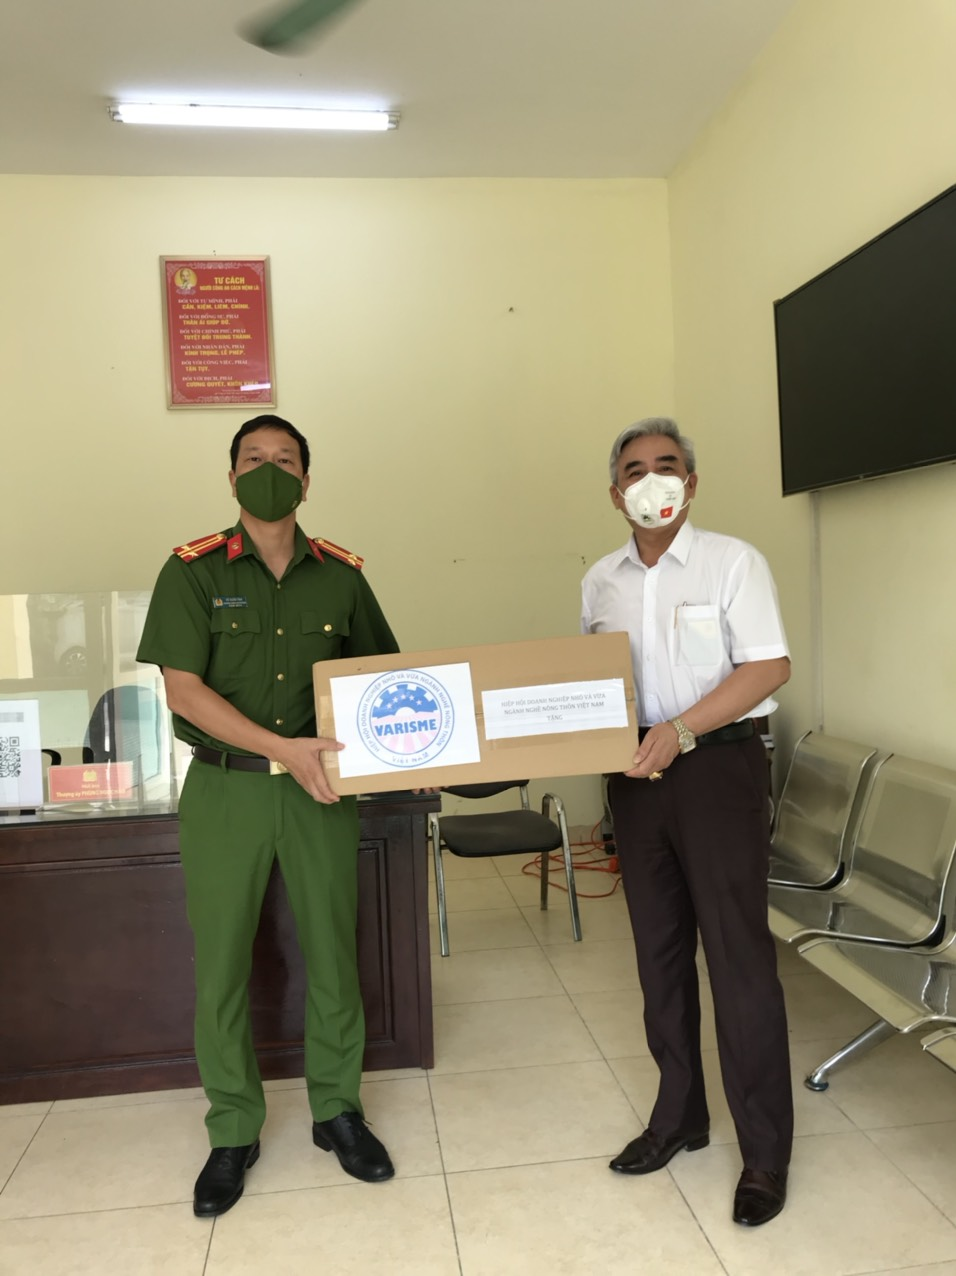 Đại diện công an phường Bồ Đề tiếp nhận khẩu trang y tế N95 từ Chủ tịch Hiệp hội Varisme.